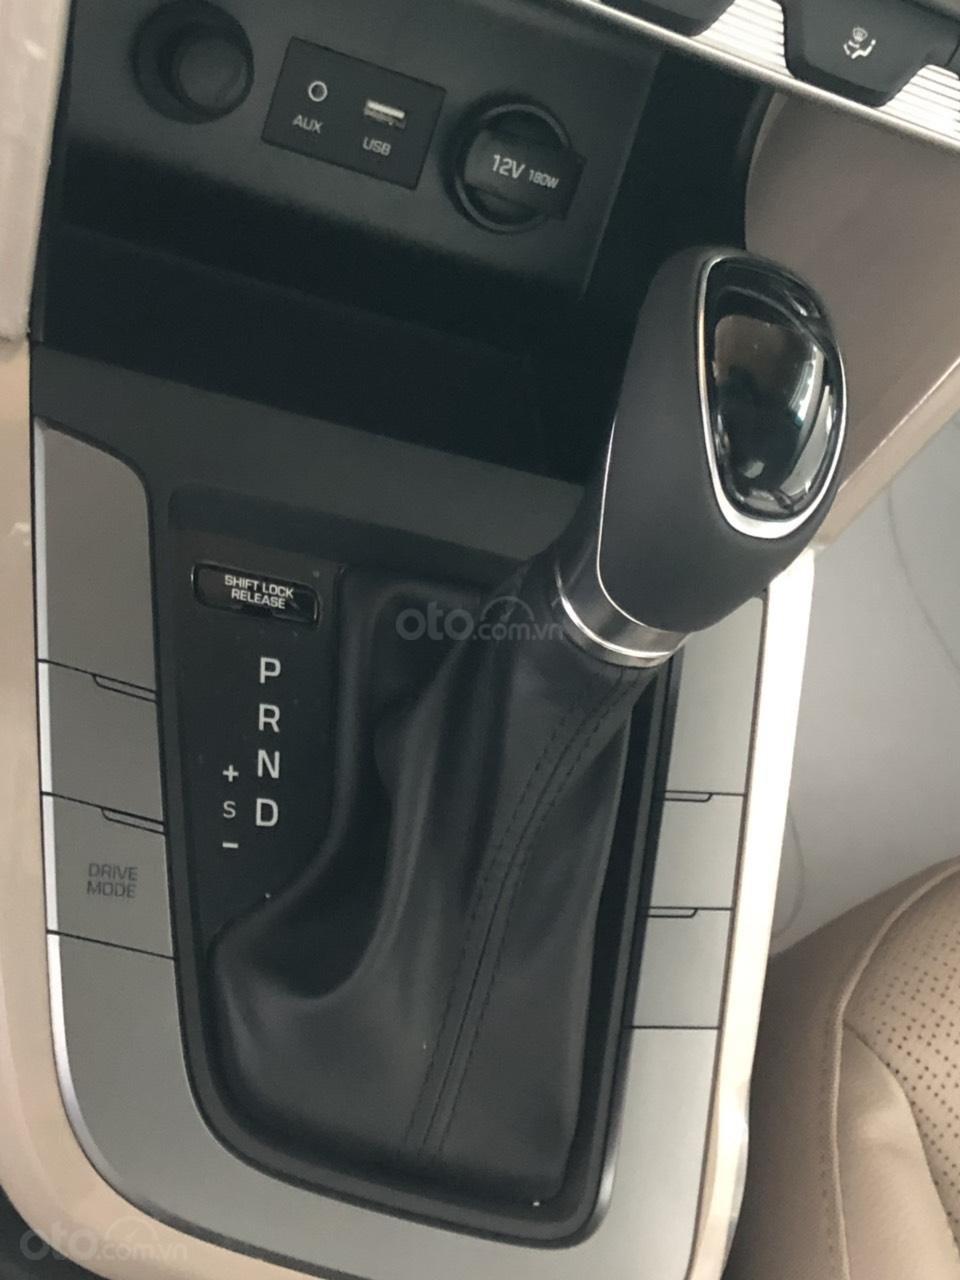 Hyundai Elentra 2019 - Giá tốt - Xe sẵn - Bank bao đậu (18)